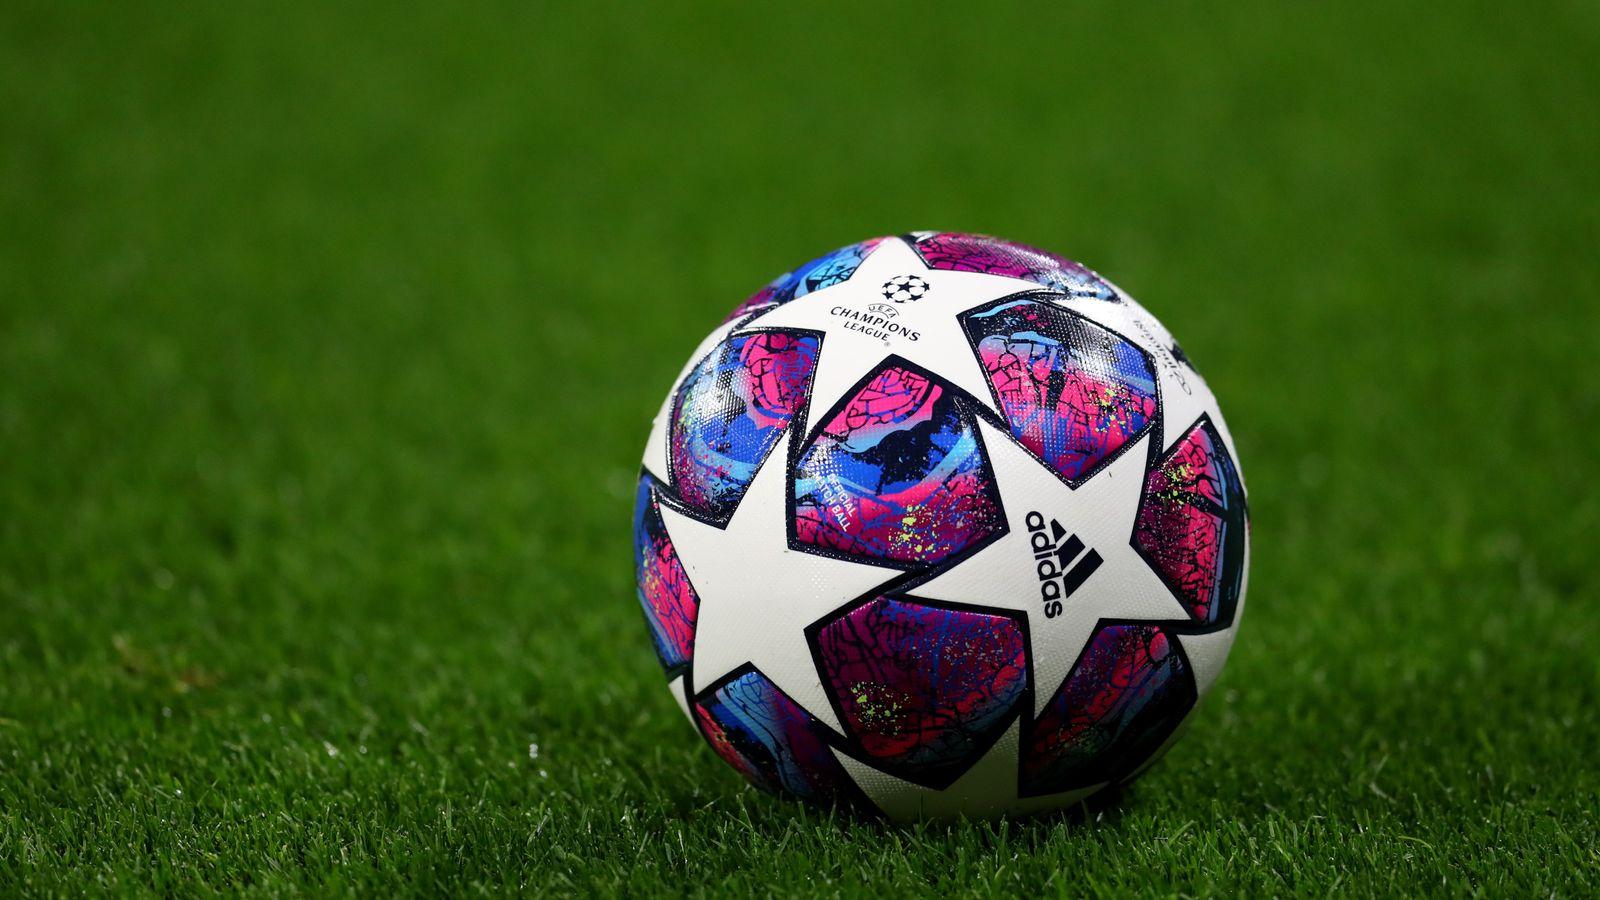 La UEFA habla con las federaciones europeas: ¿qué hay en la agenda? El | Noticias de futbol 1